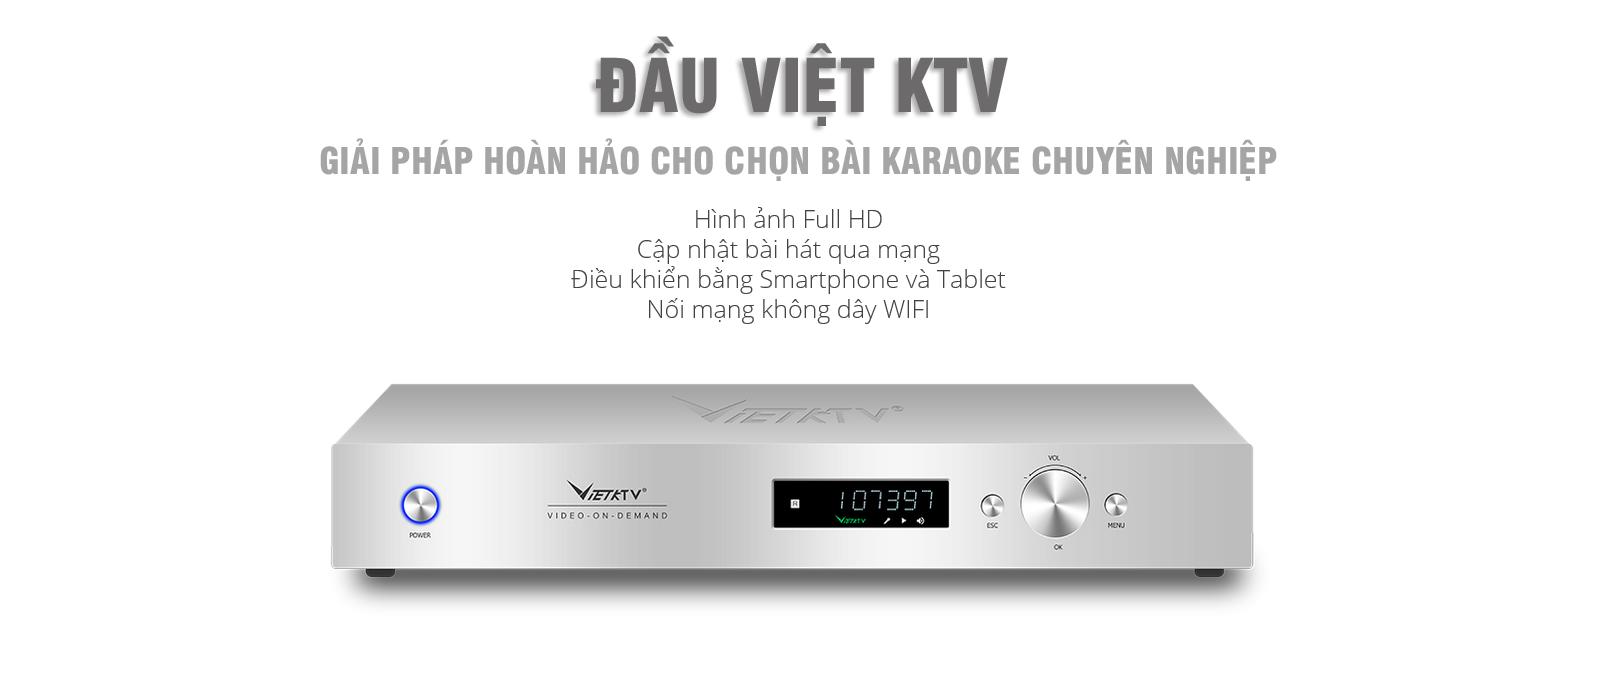 đầu chọn bài Việt Ktv